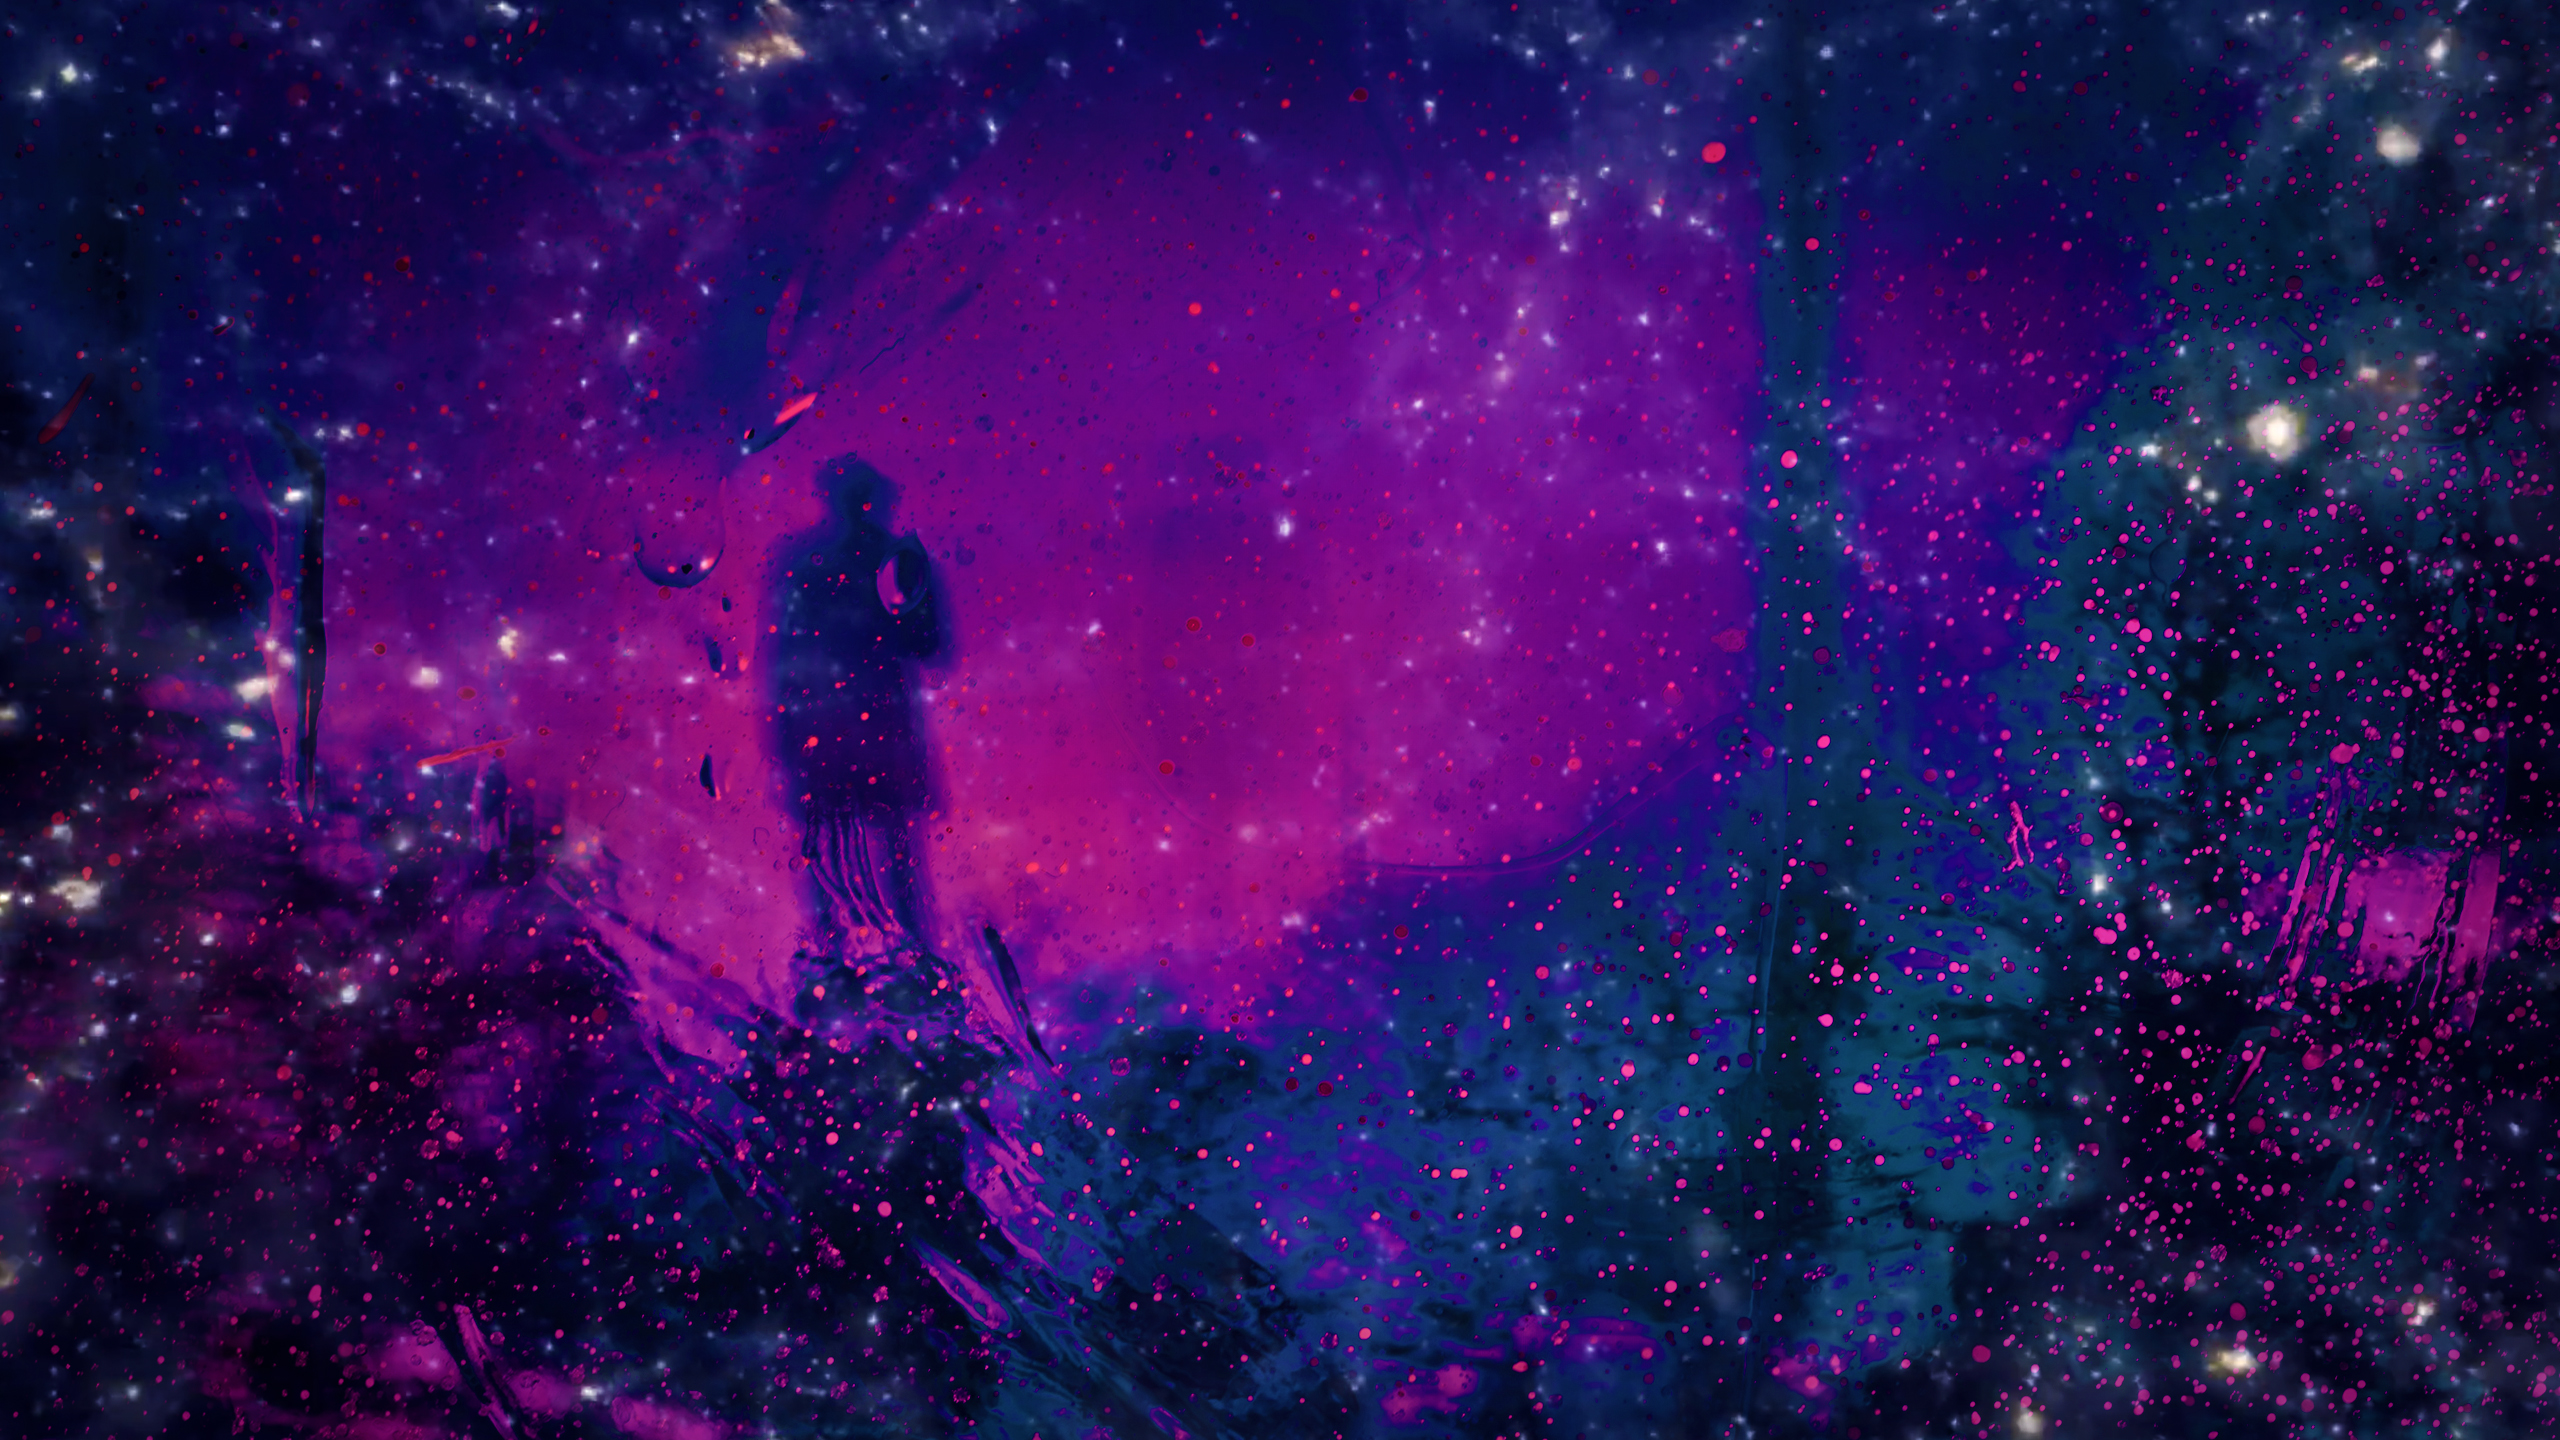 Metaphysics & Mystery